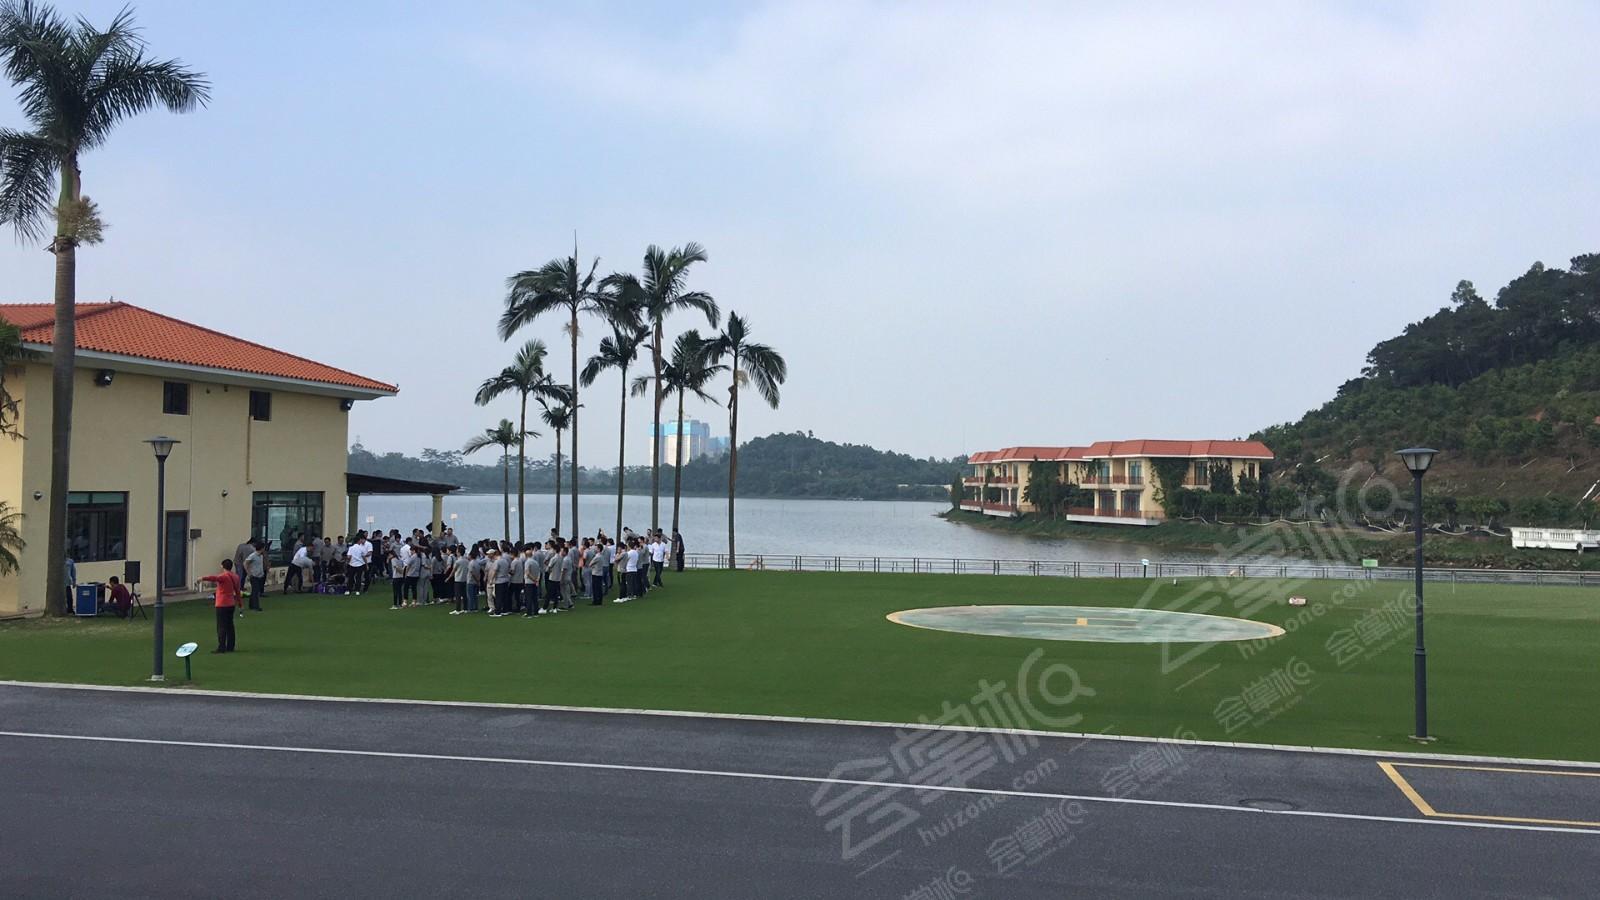 杭州30人年会酒店租赁 杭州会议场地 杭州发布会场地